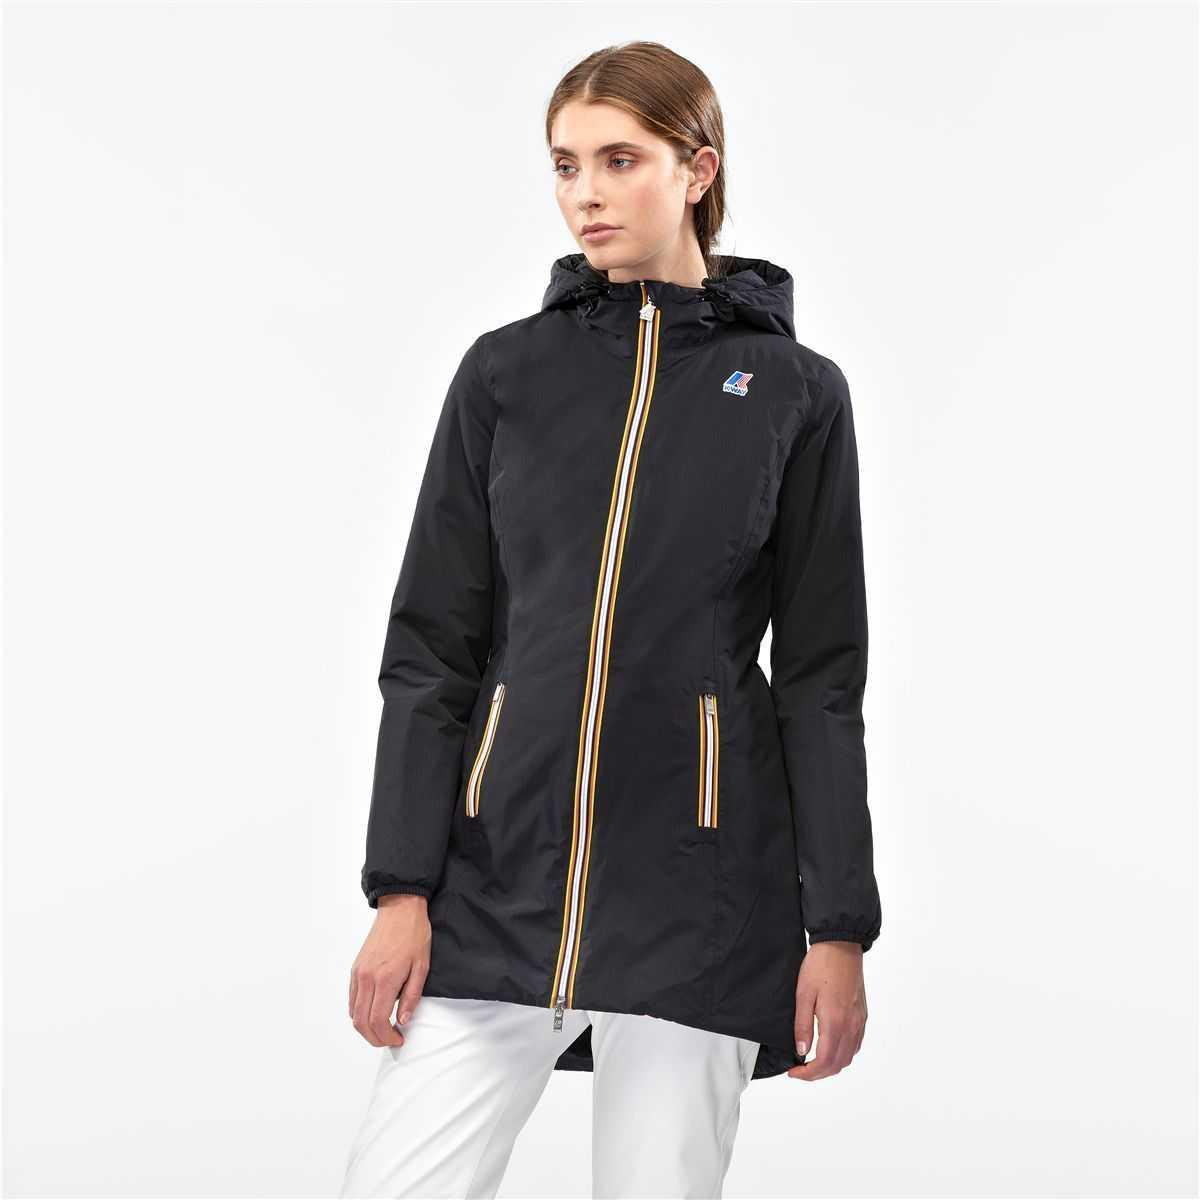 k way giacchetto parka piumino bambina donna inverno 10 12 14 16 anni 172831752138 brutto. Black Bedroom Furniture Sets. Home Design Ideas